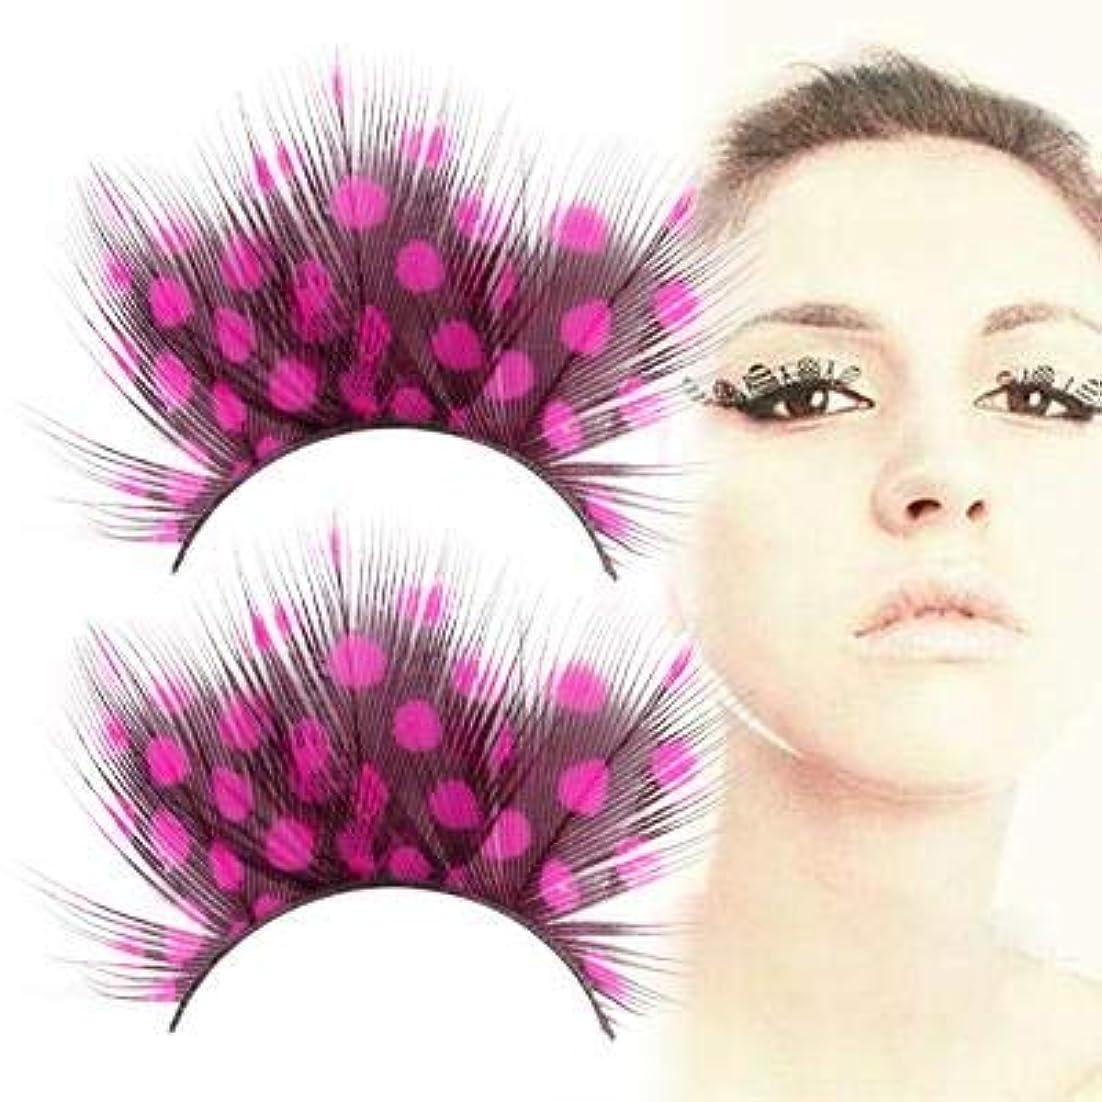 ブロンズ土器グラフィック美容アクセサリー ペアのスポットデザイン大きな目の偽のまつげ 写真美容アクセサリー (色 : Color1)